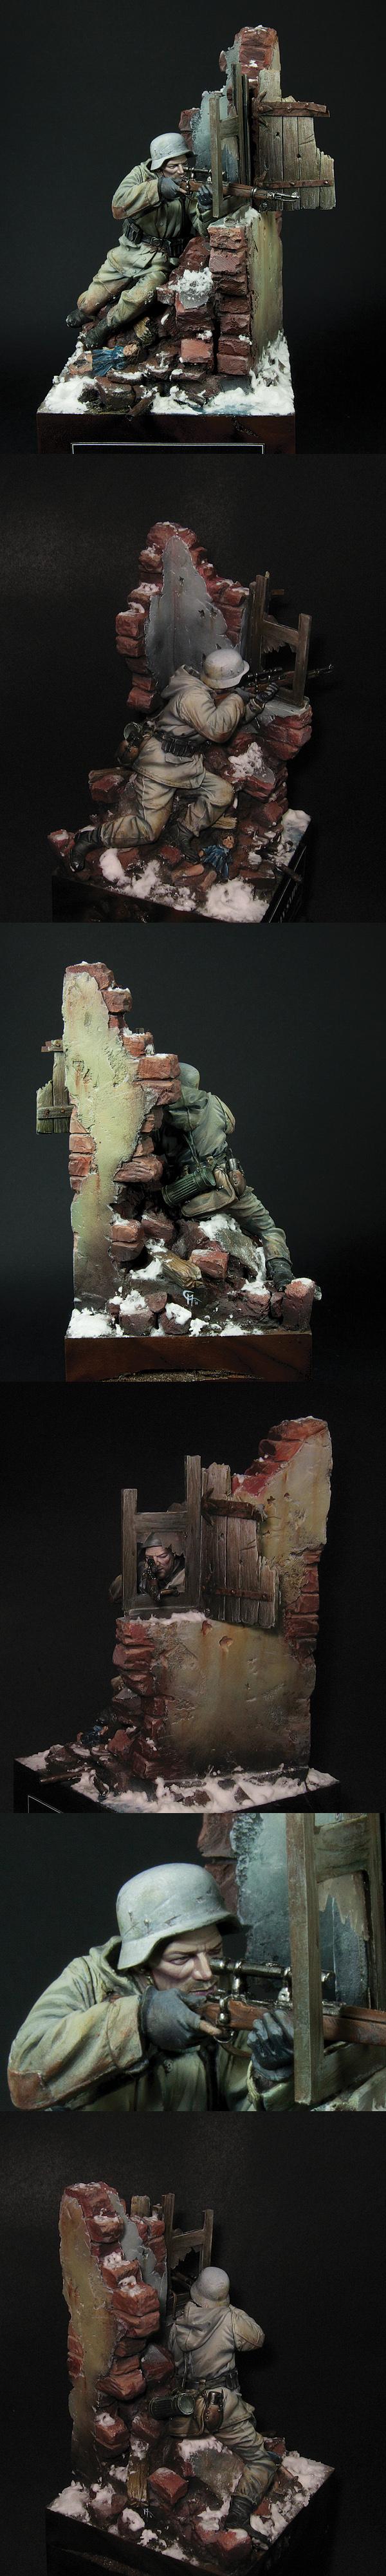 Grands Artistes (peintres, dessinateurs, sculpteurs) - Page 6 Img4f226607a05c6